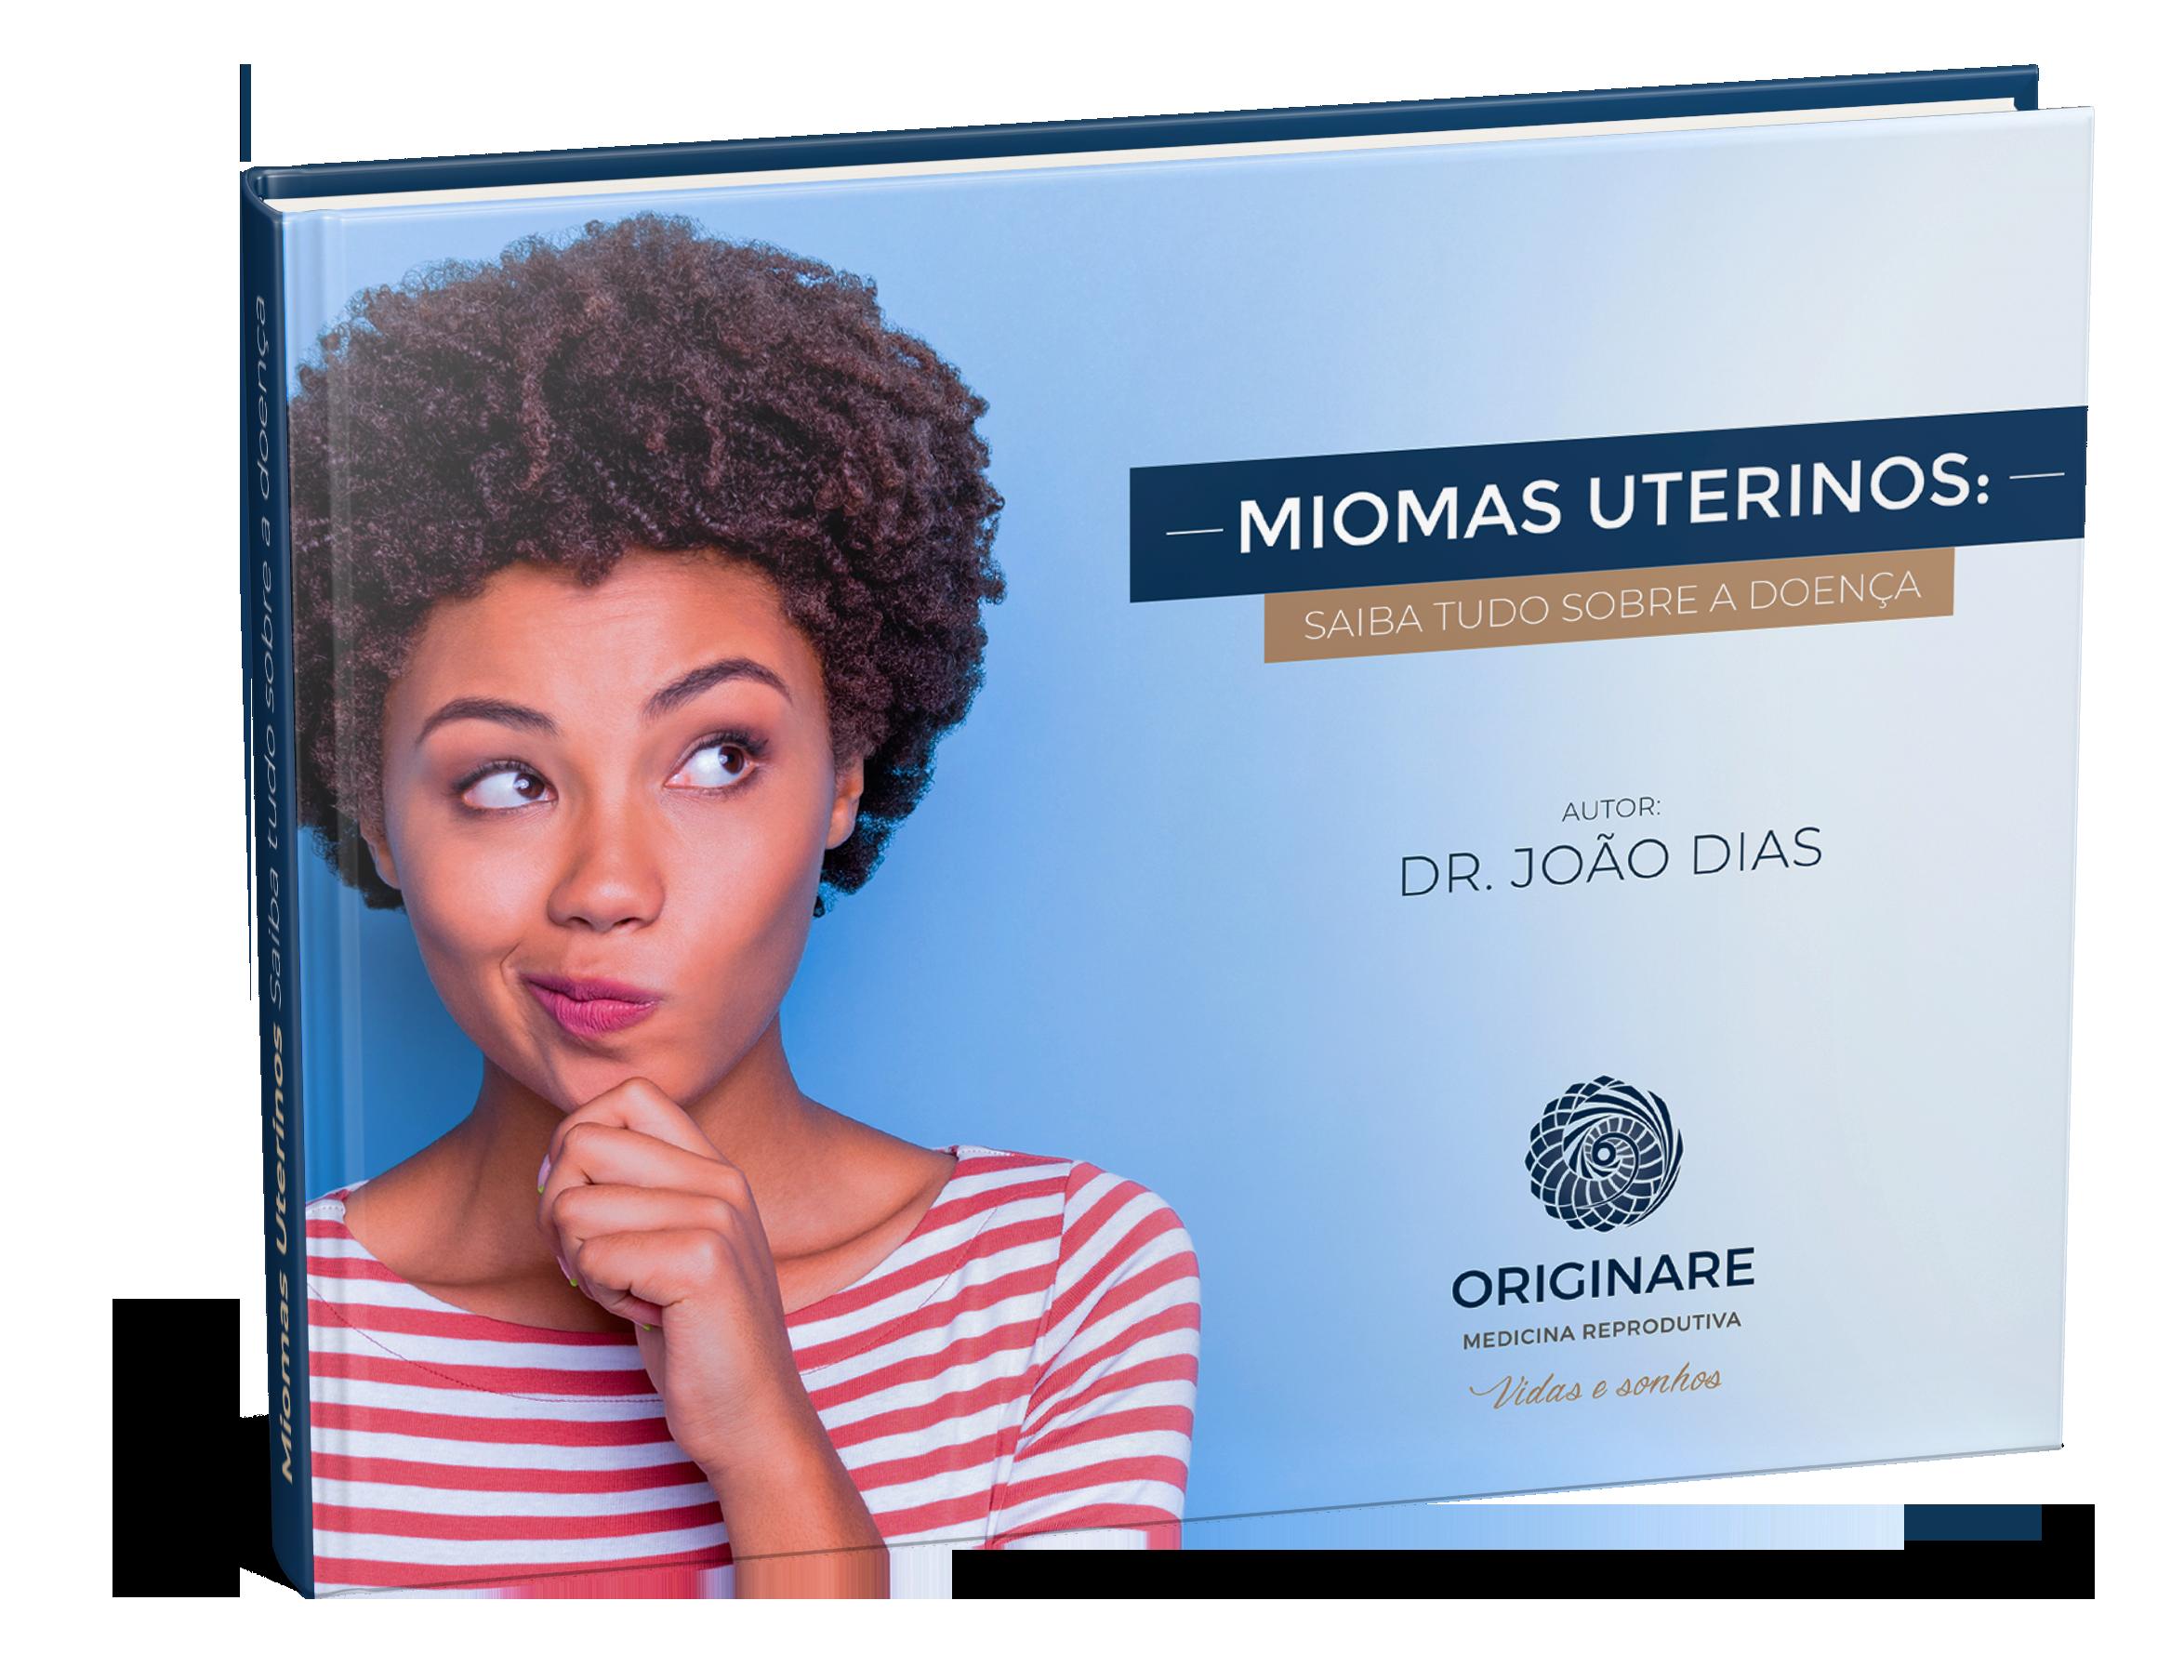 E-book | Miomas uterinos: saiba tudo sobre a doença